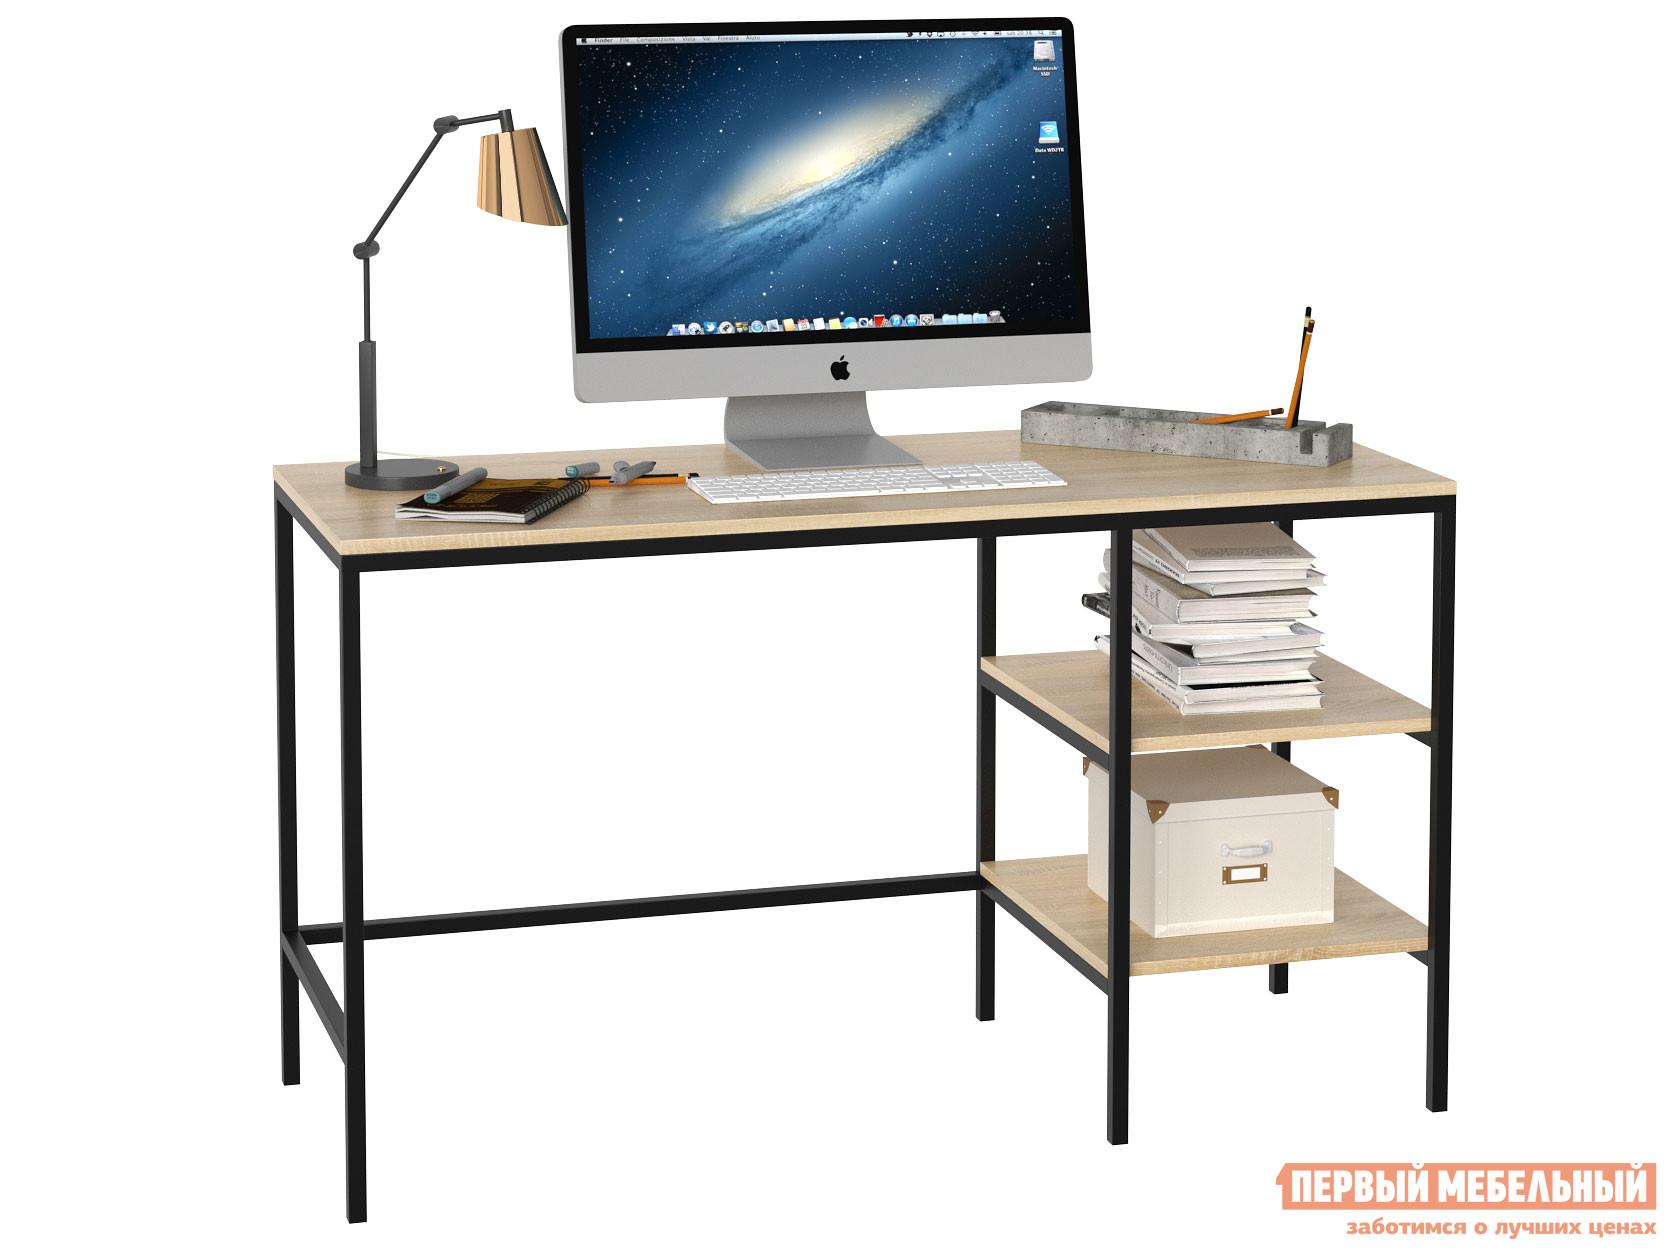 Письменный стол ФурниТурни 2001.М1 mF_Стол